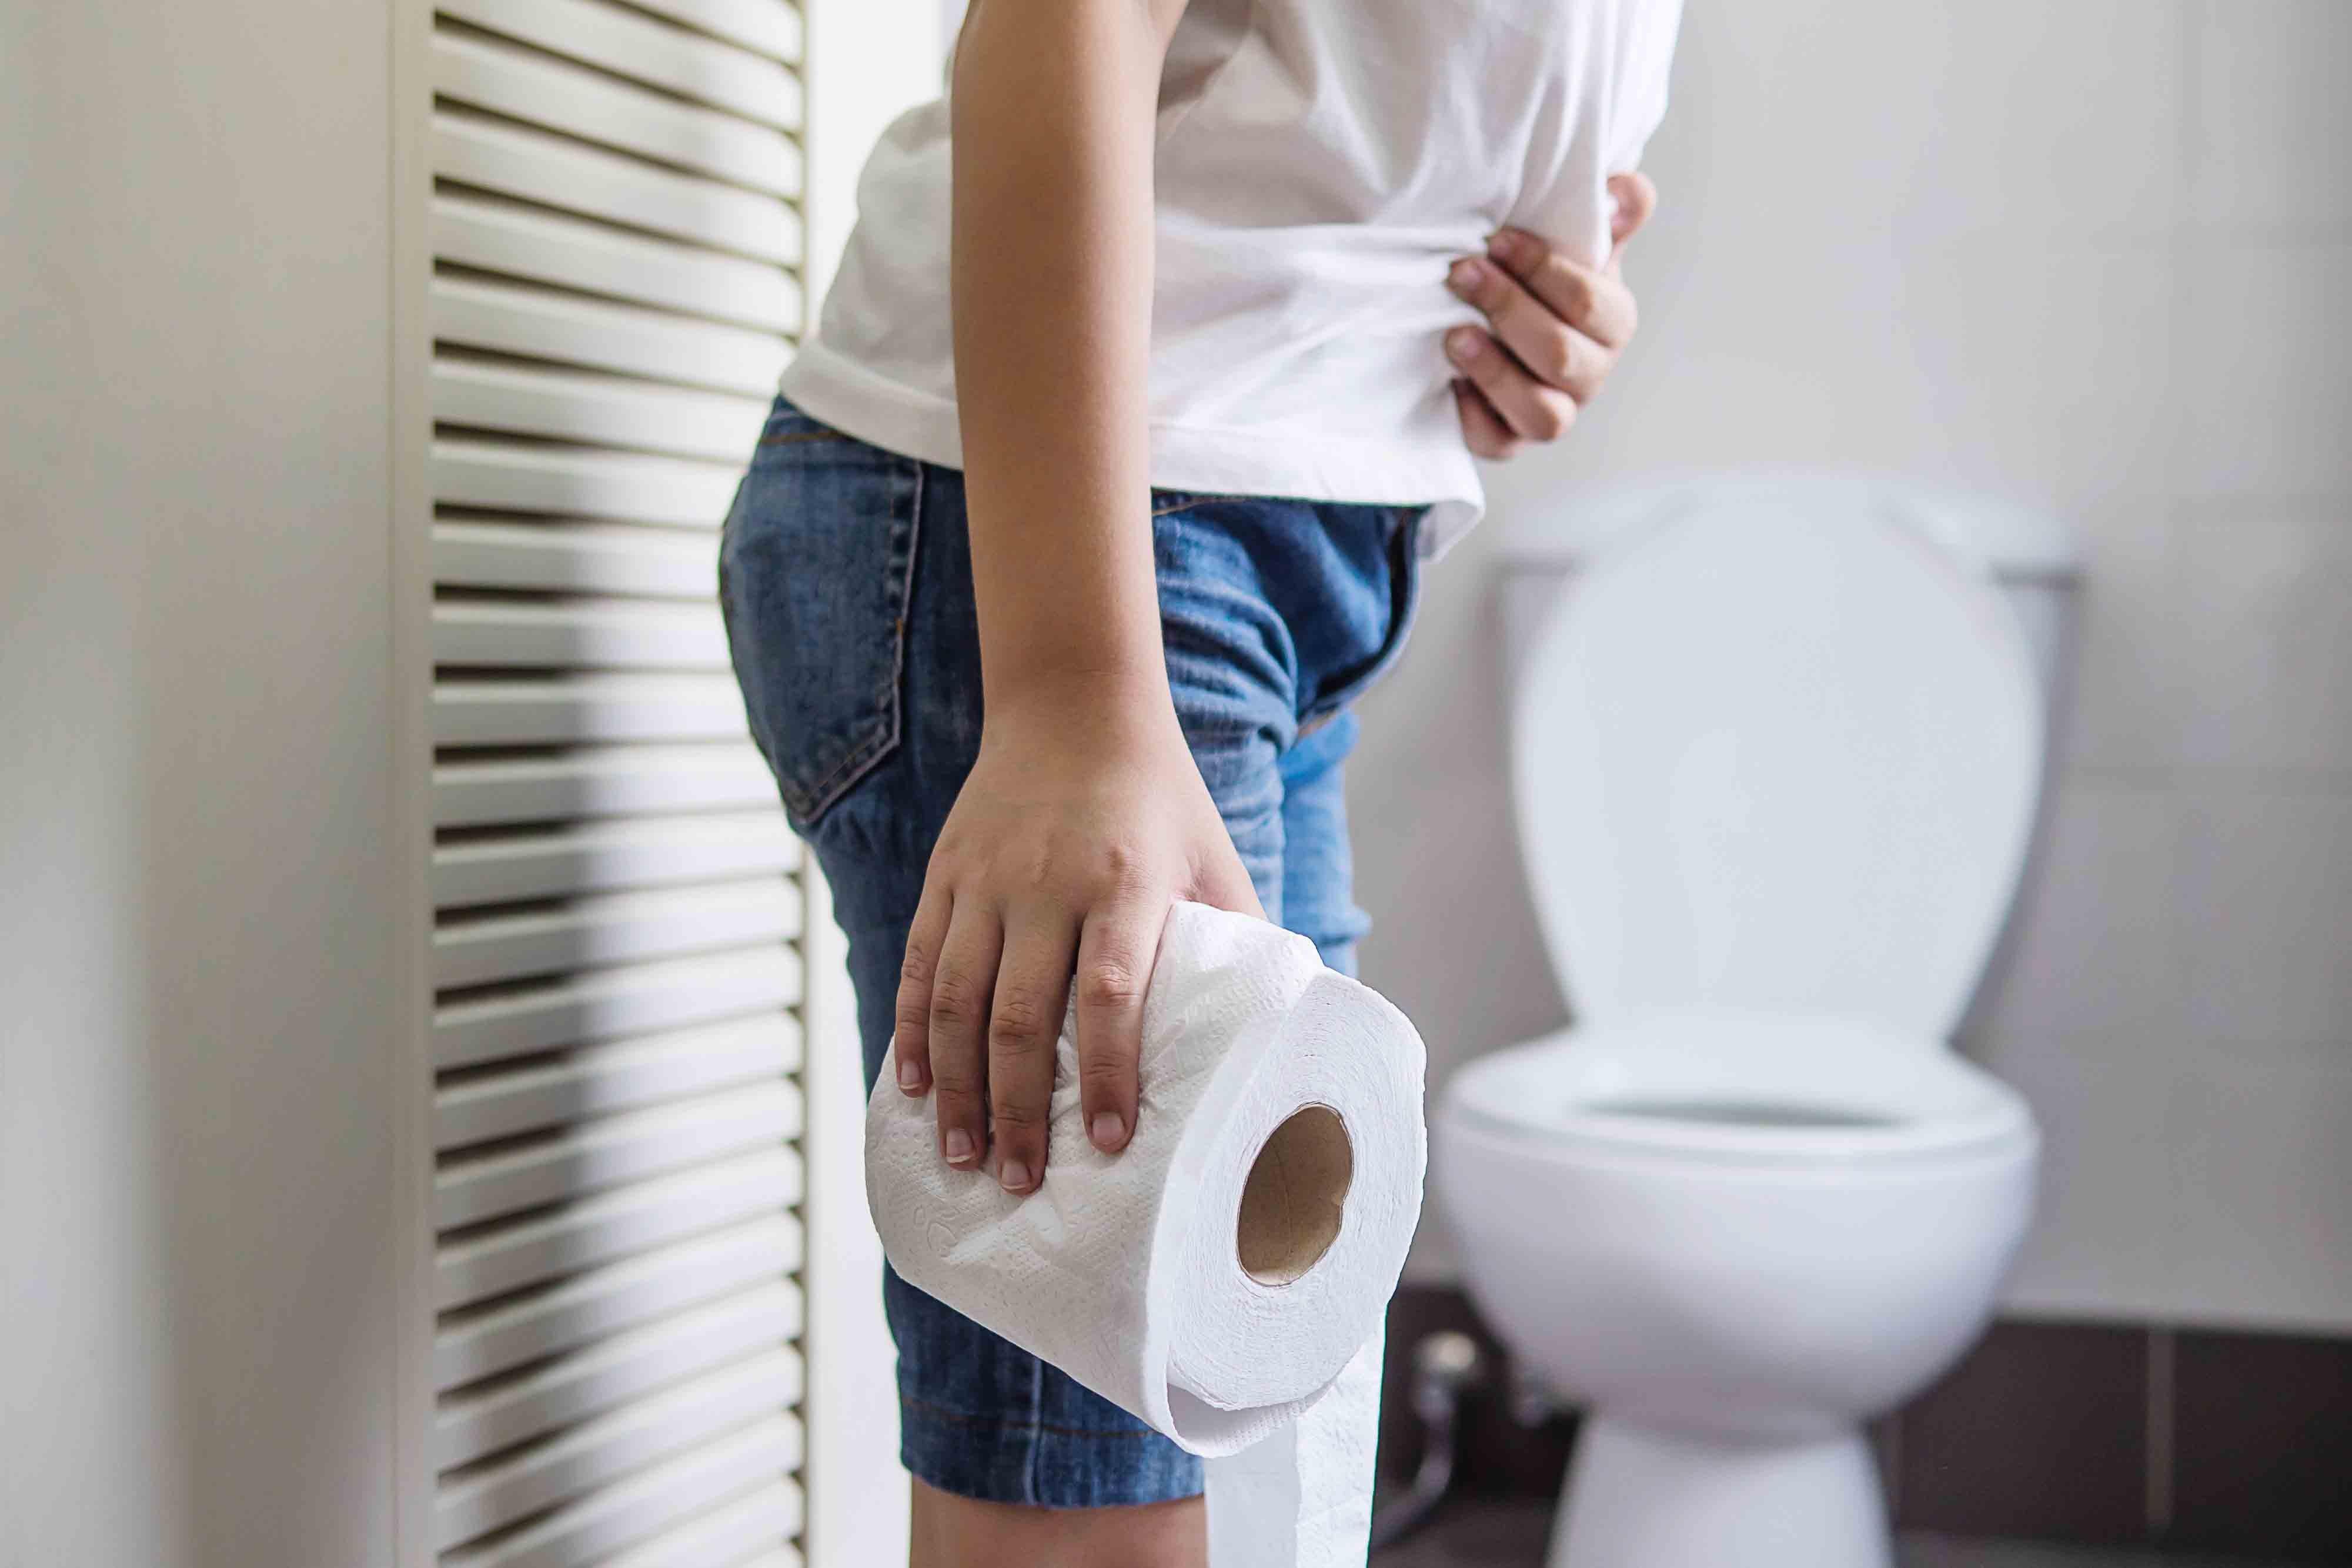 L'intoxication alimentaire se caractérise par des diarrhées et des vomissements